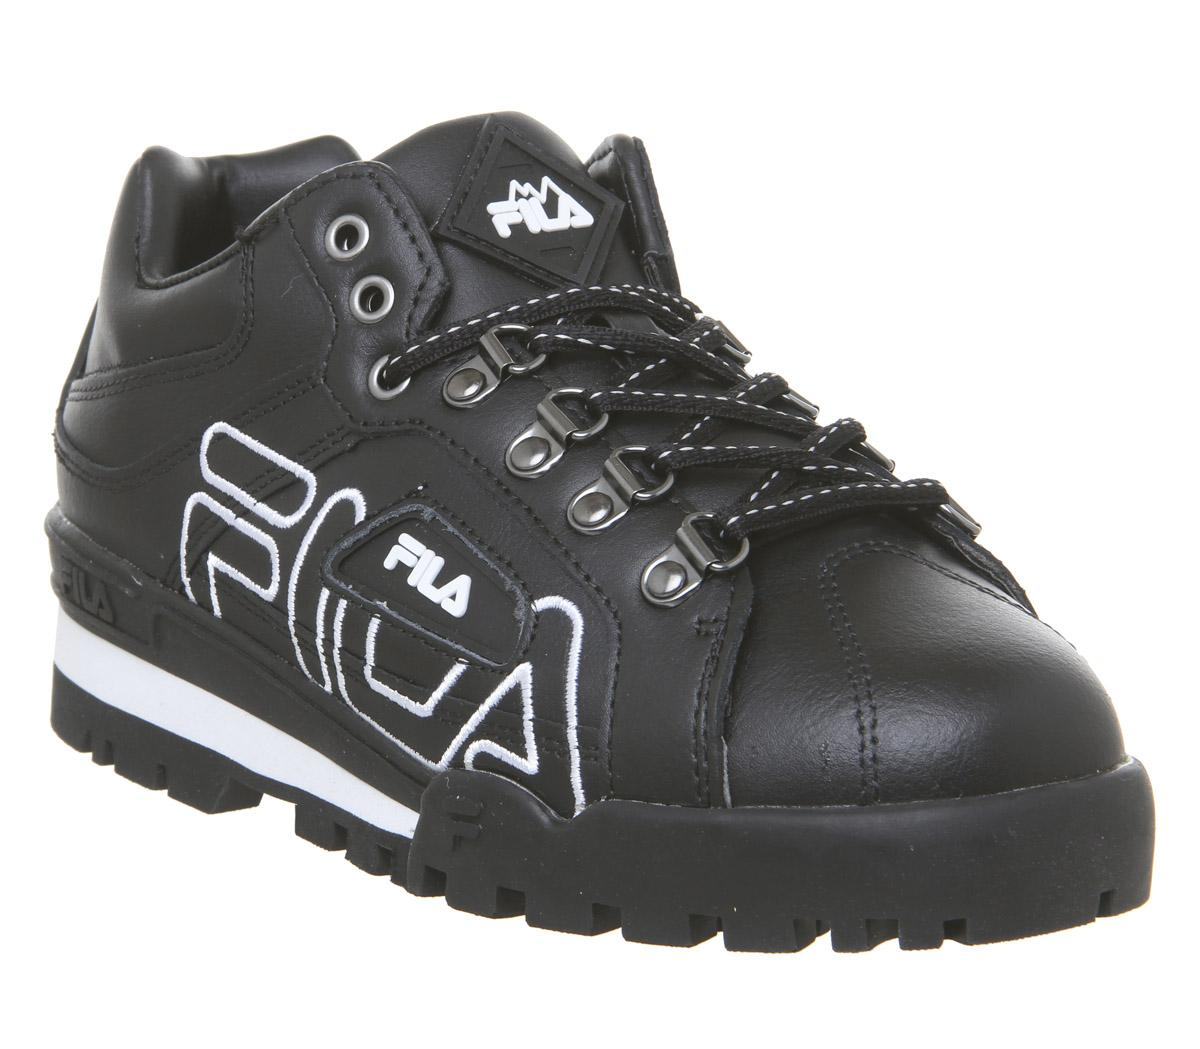 Fila Trail Blazer Black Black White F